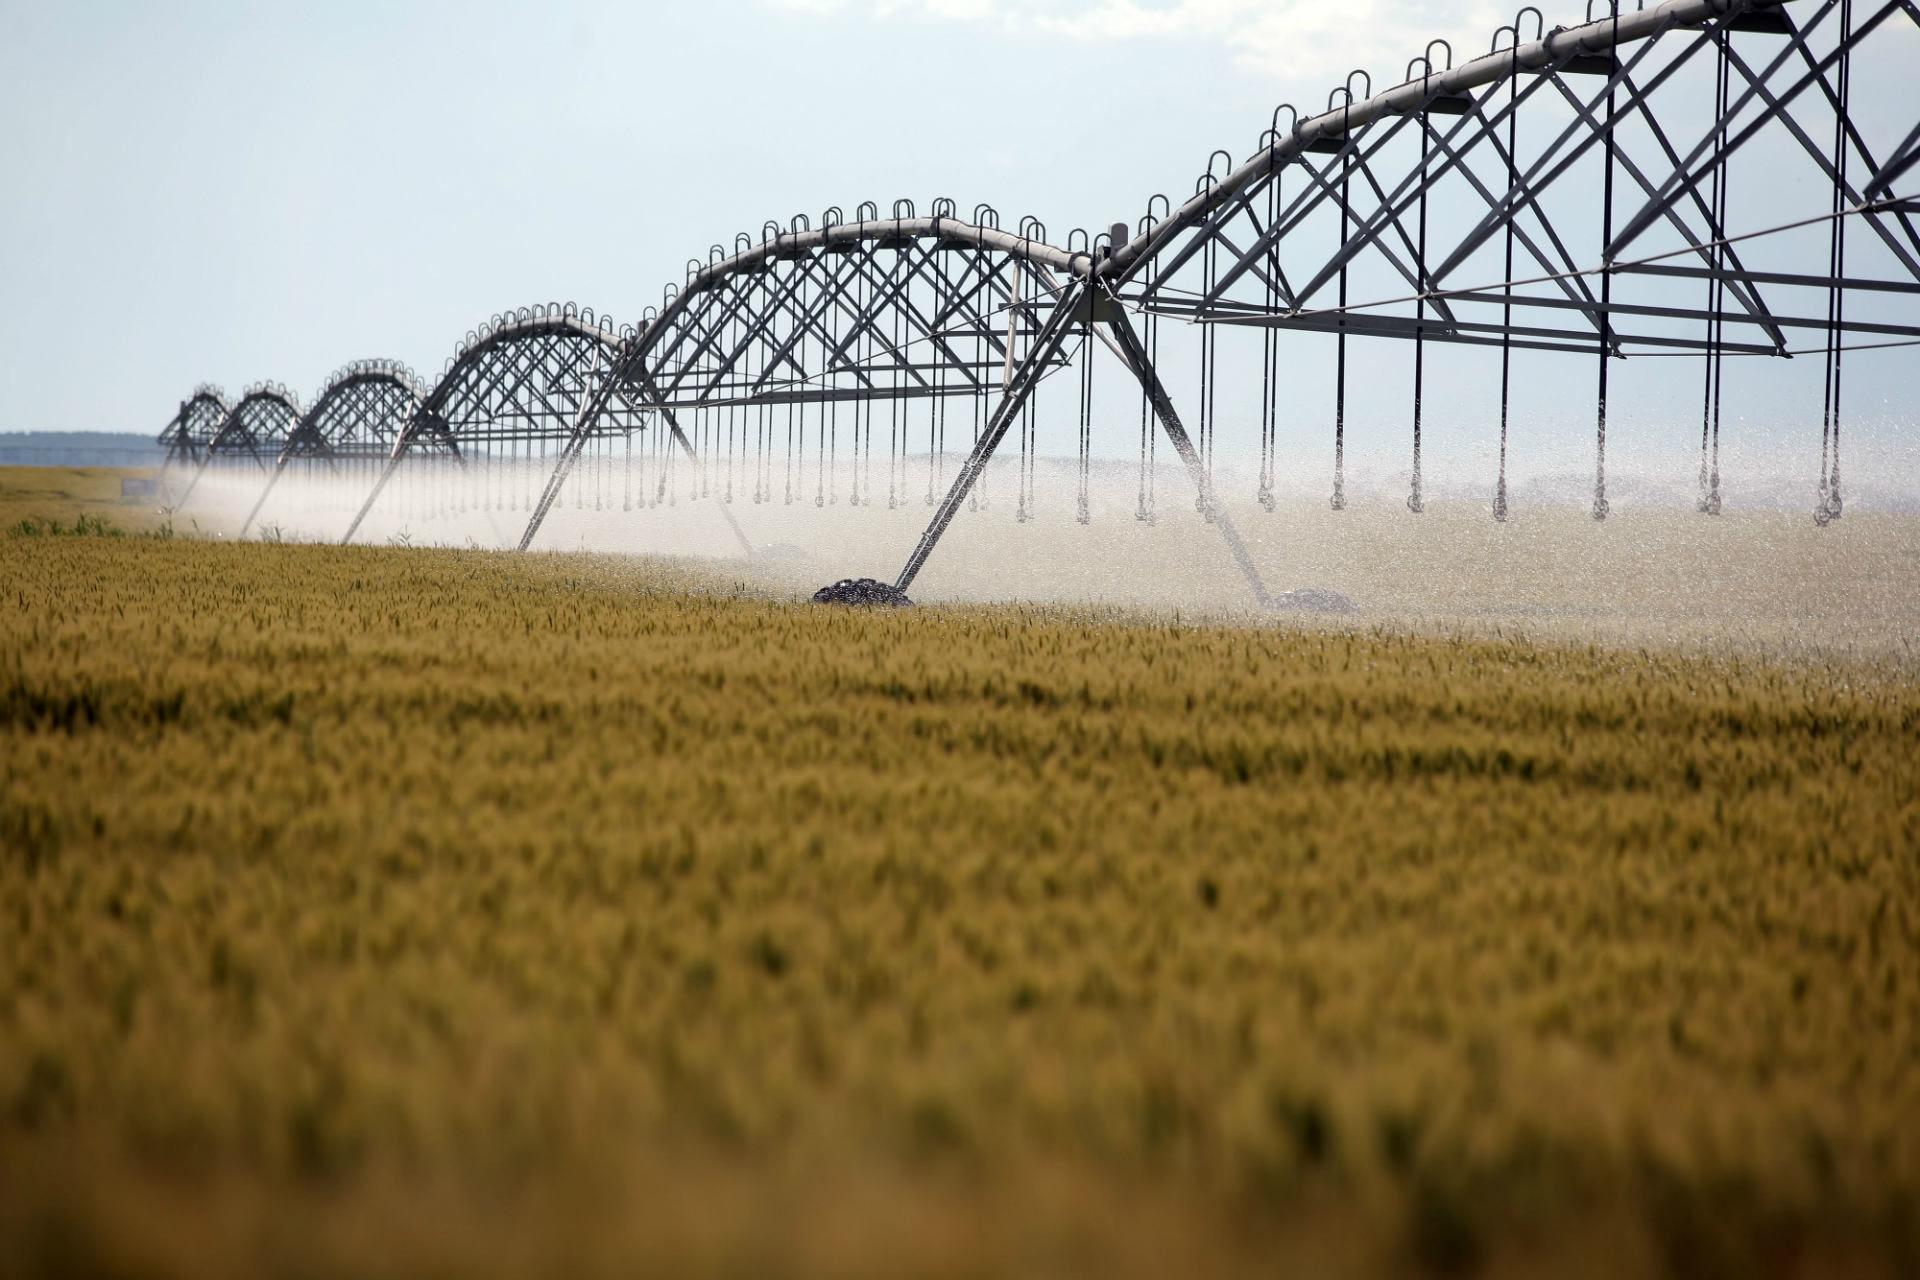 inwestycja rolnicza